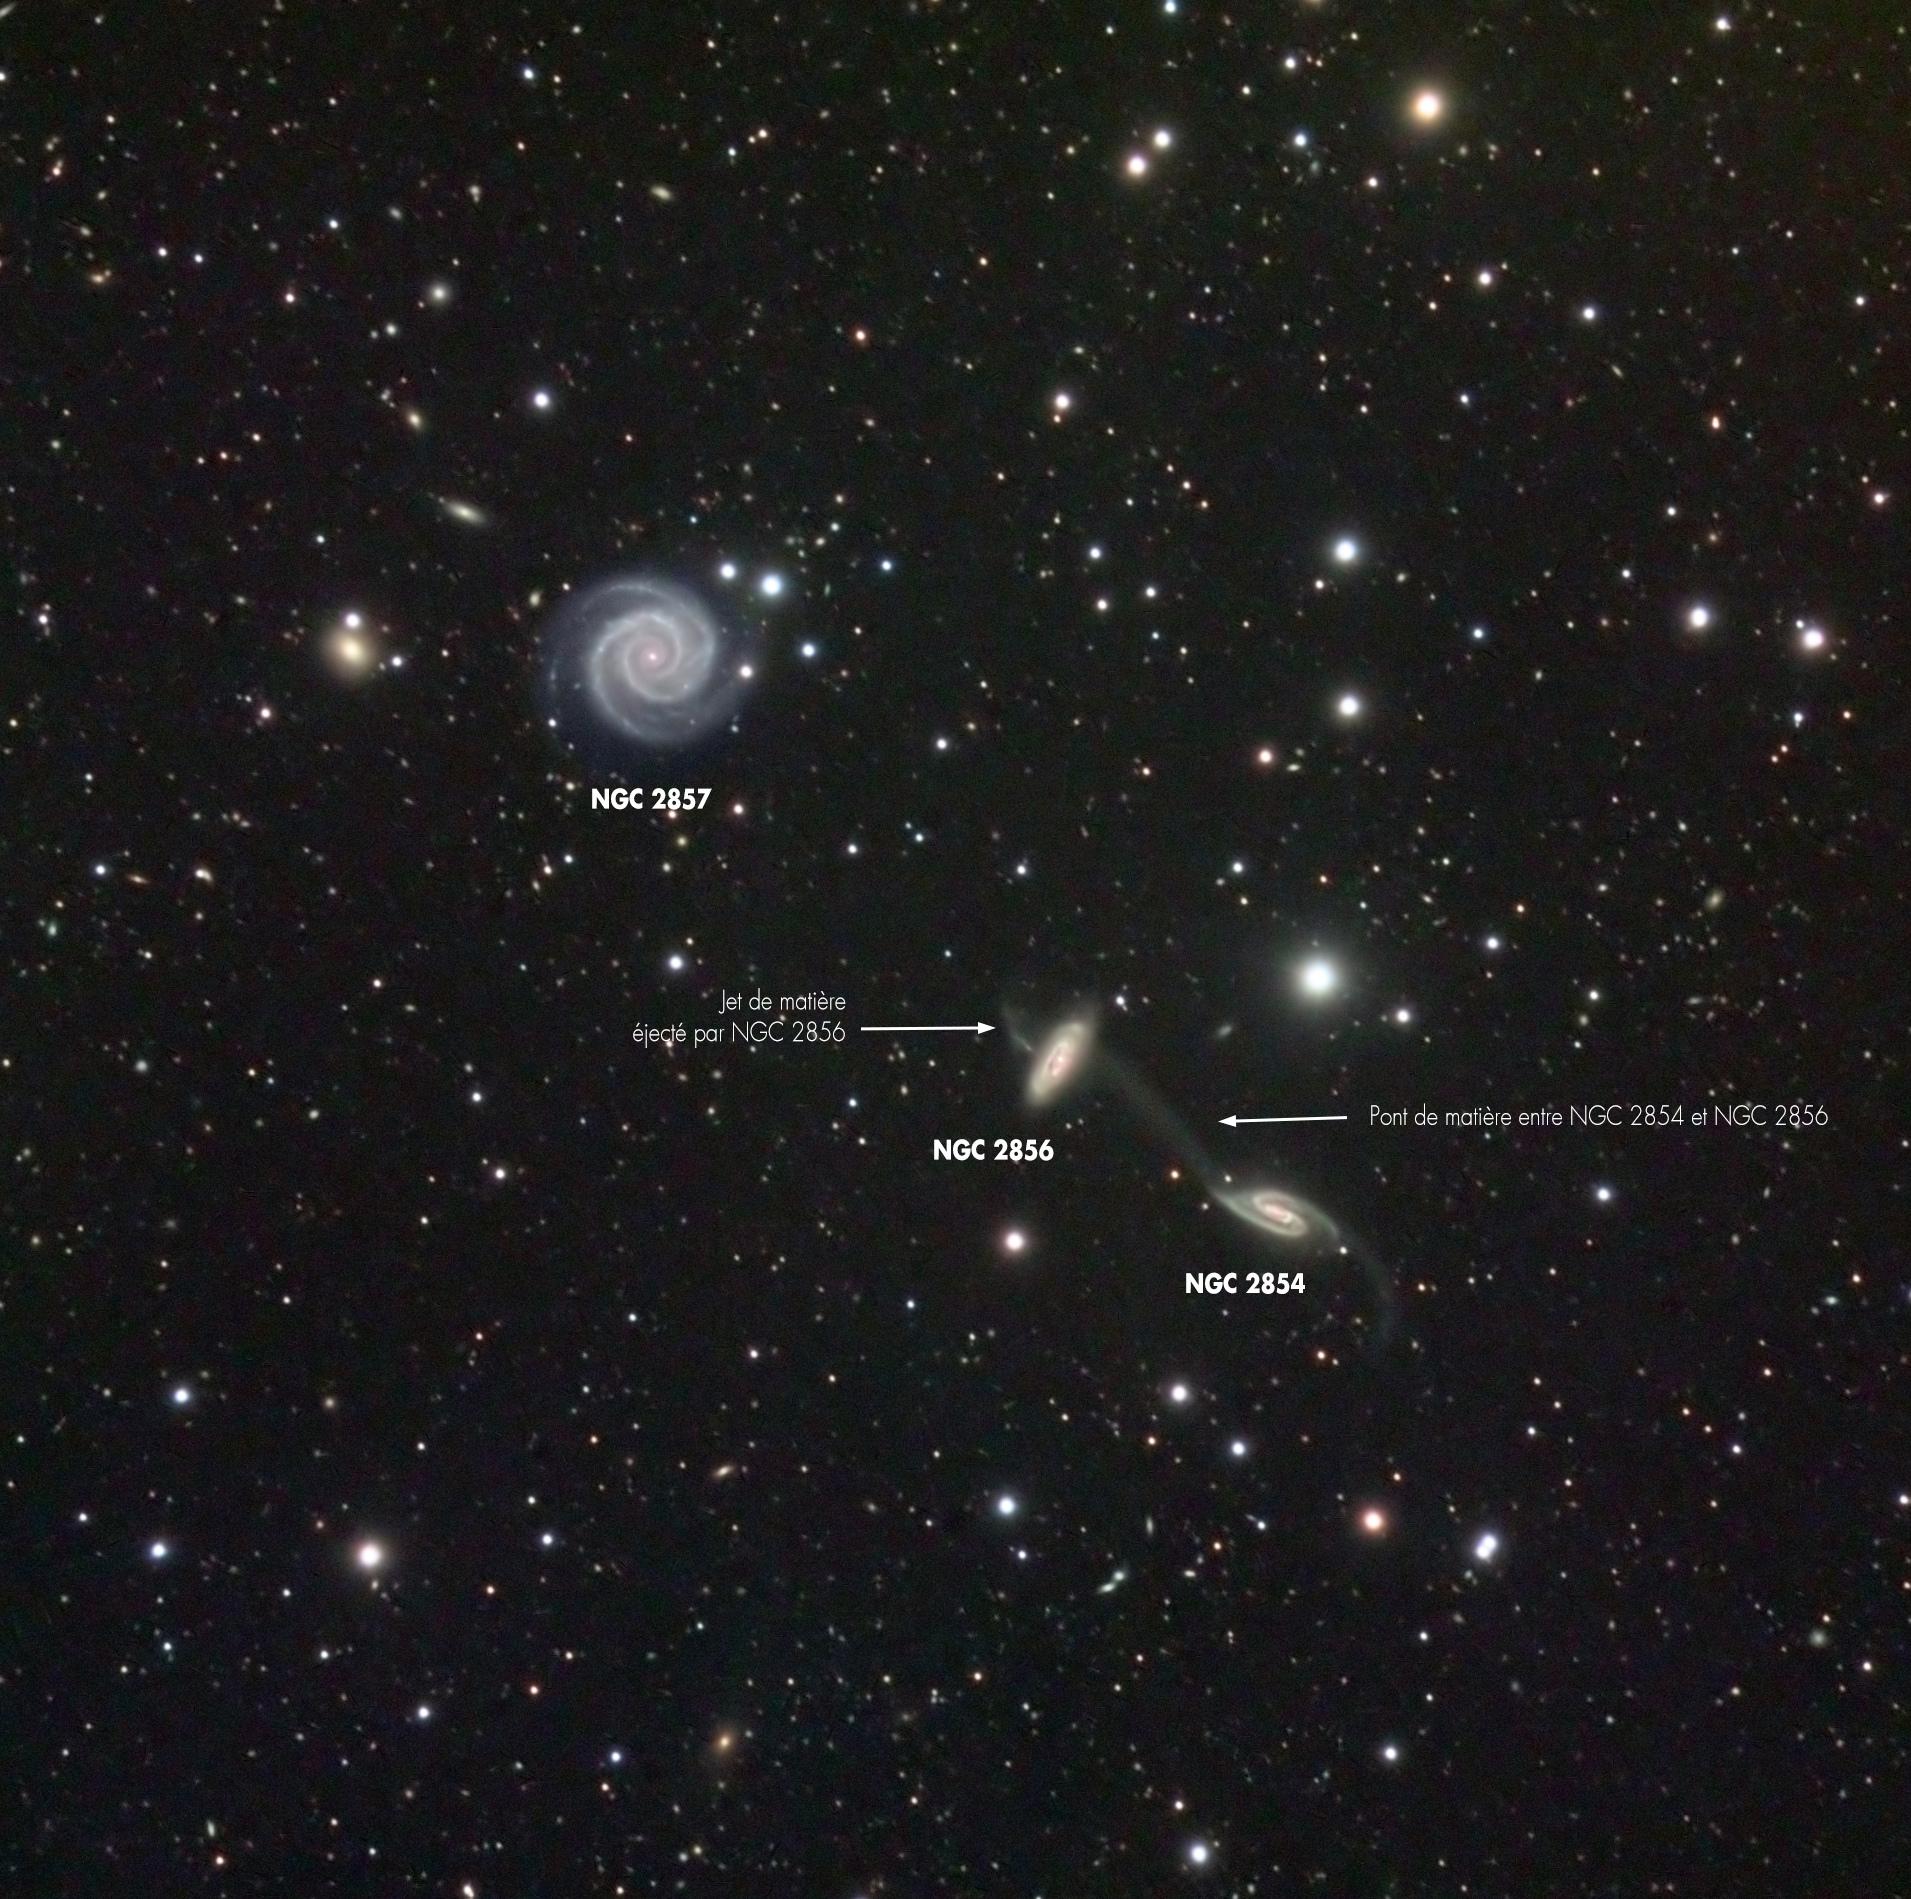 NGC2856_Legende.jpg.e17e4d056c714c53333b0e12073a0549.jpg